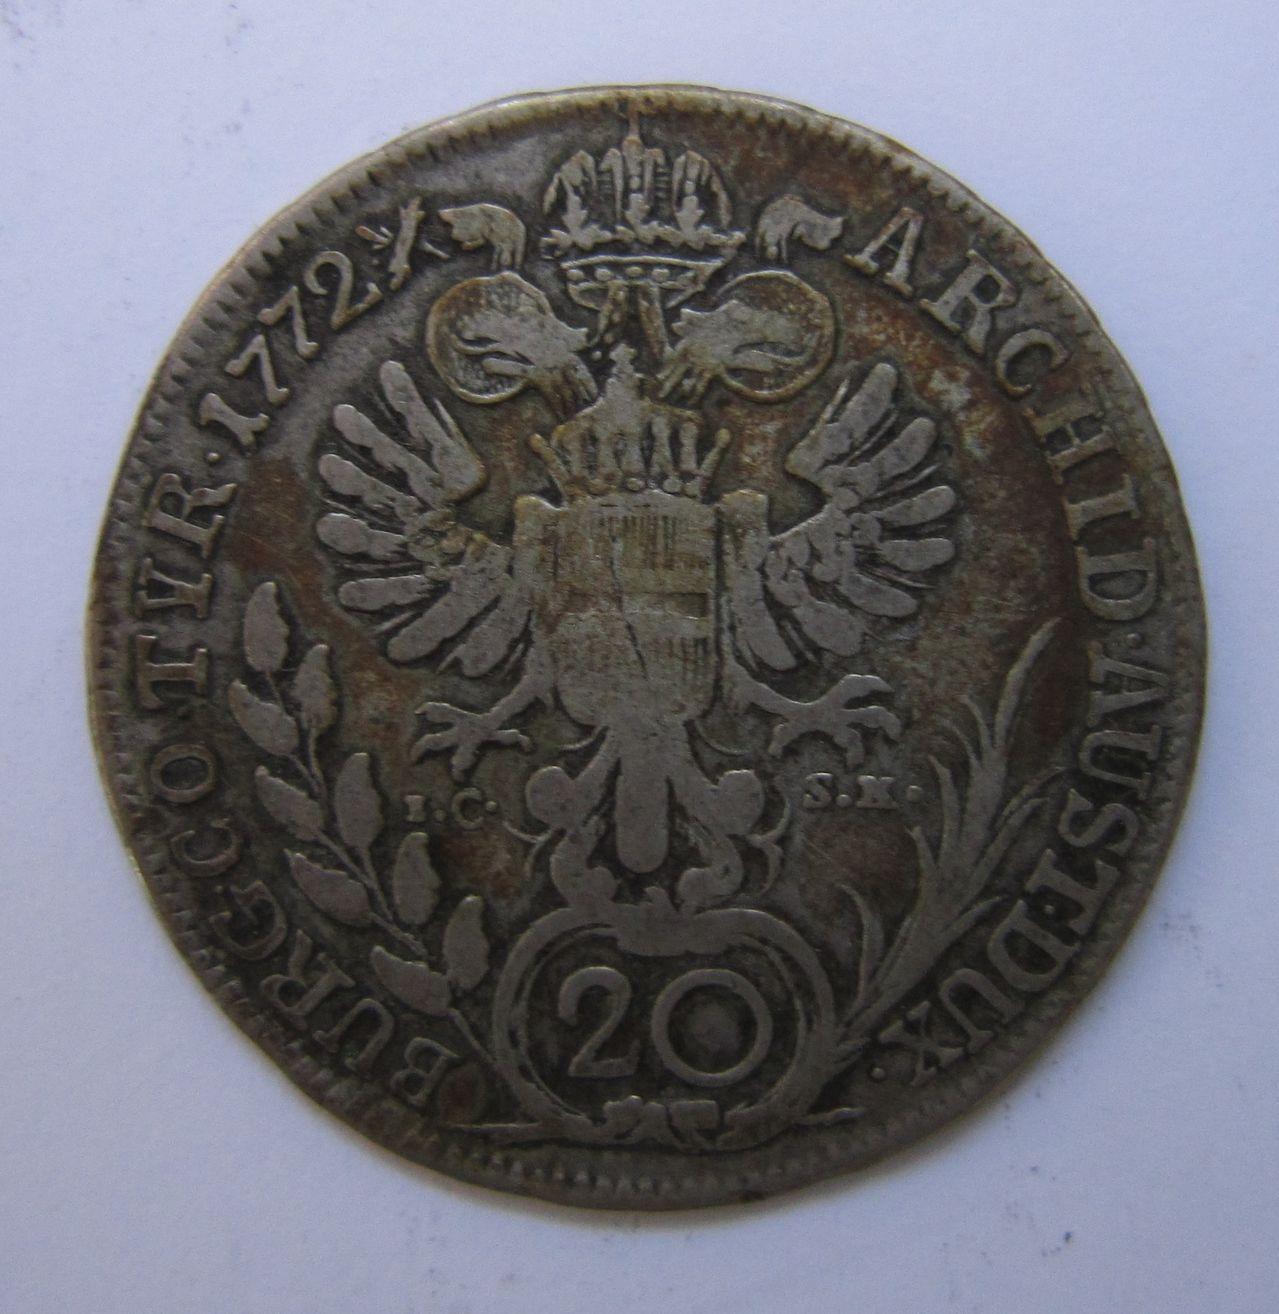 20 kreuzer 1772. Viena (Austria). Maria Theresa I. 20_kreuzer_1772_Viena_rev